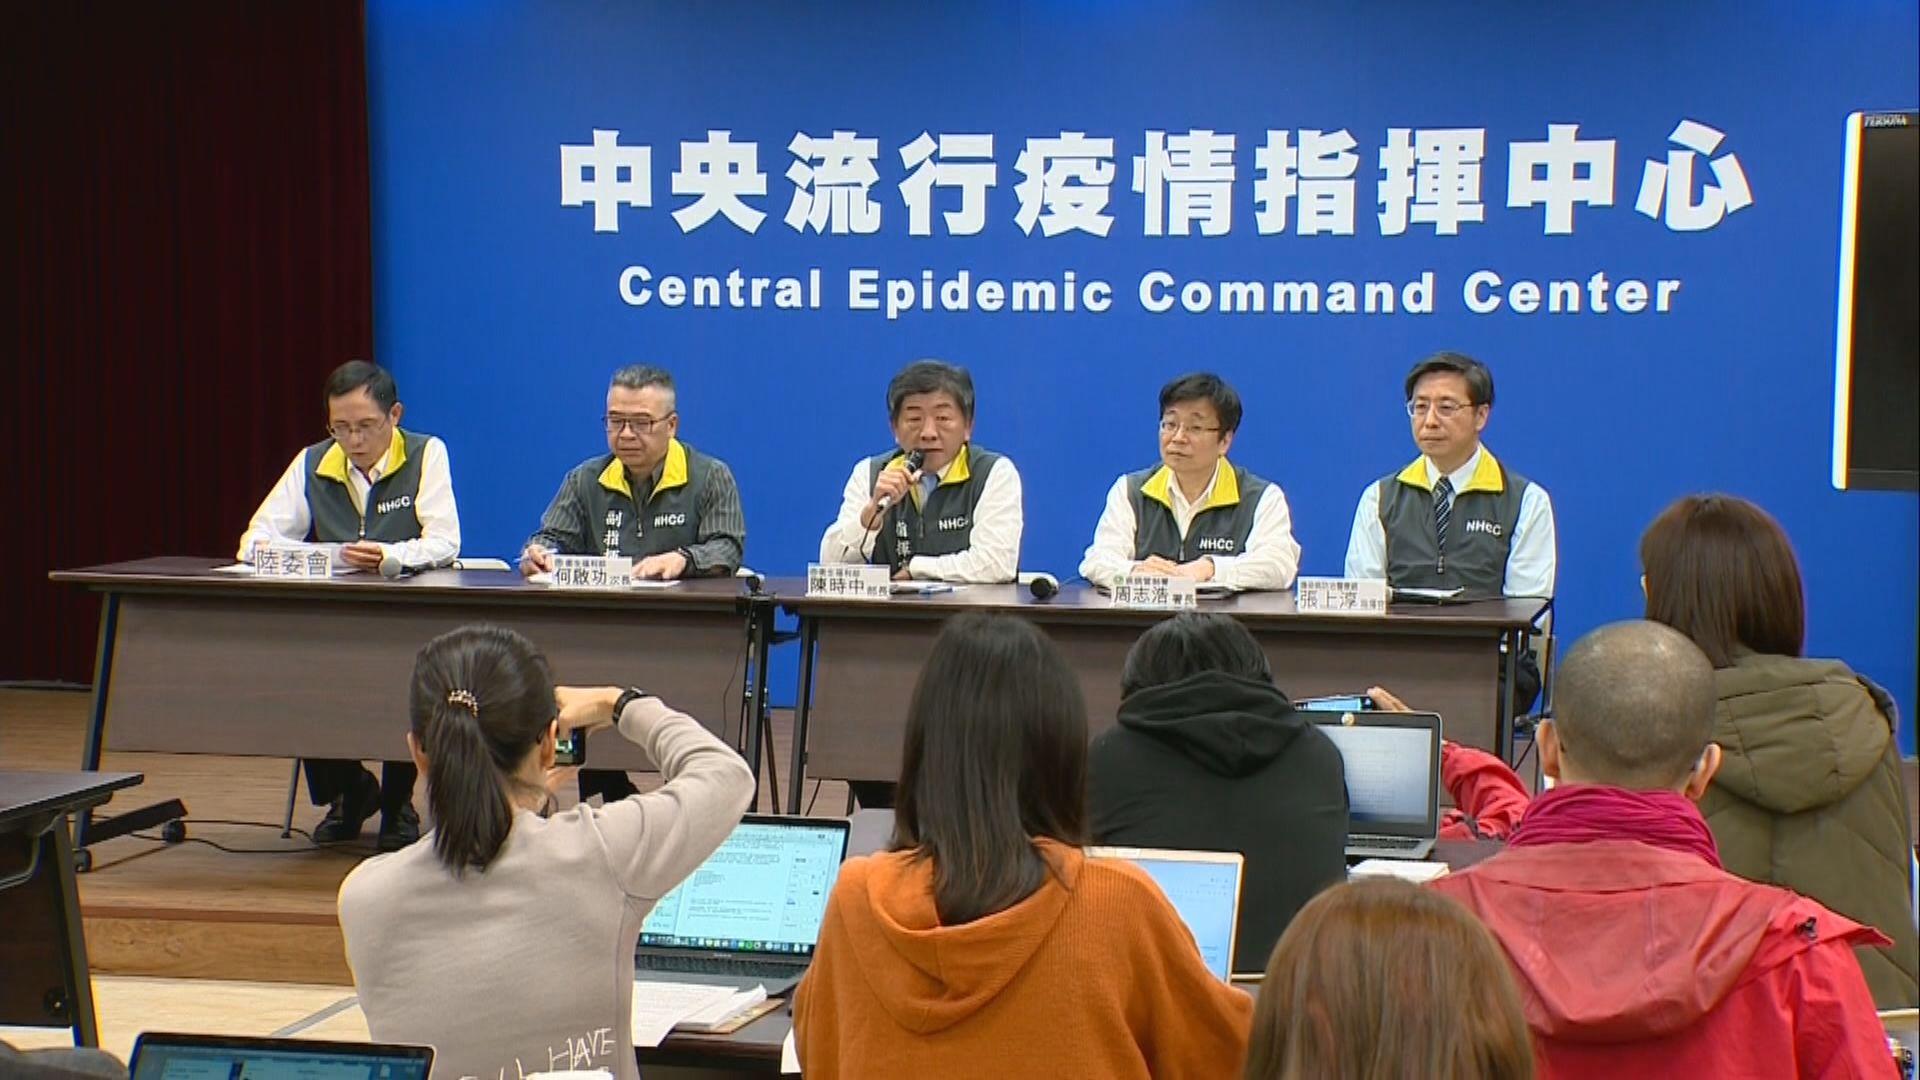 台灣提升防疫等級並拒絕武漢旅客入境